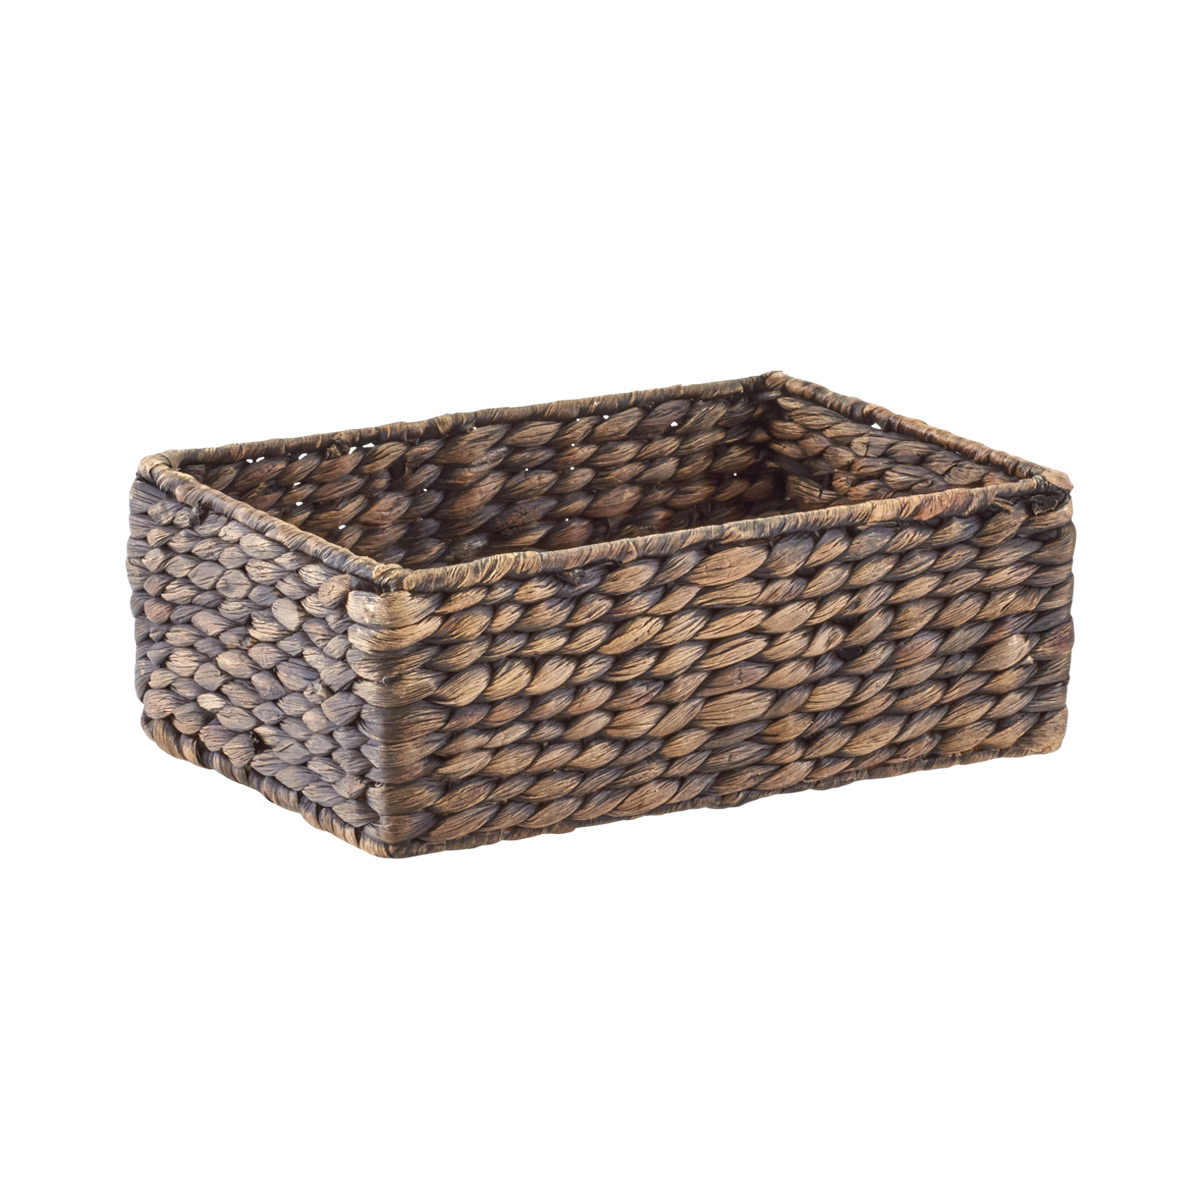 Water Hyacinth Bin